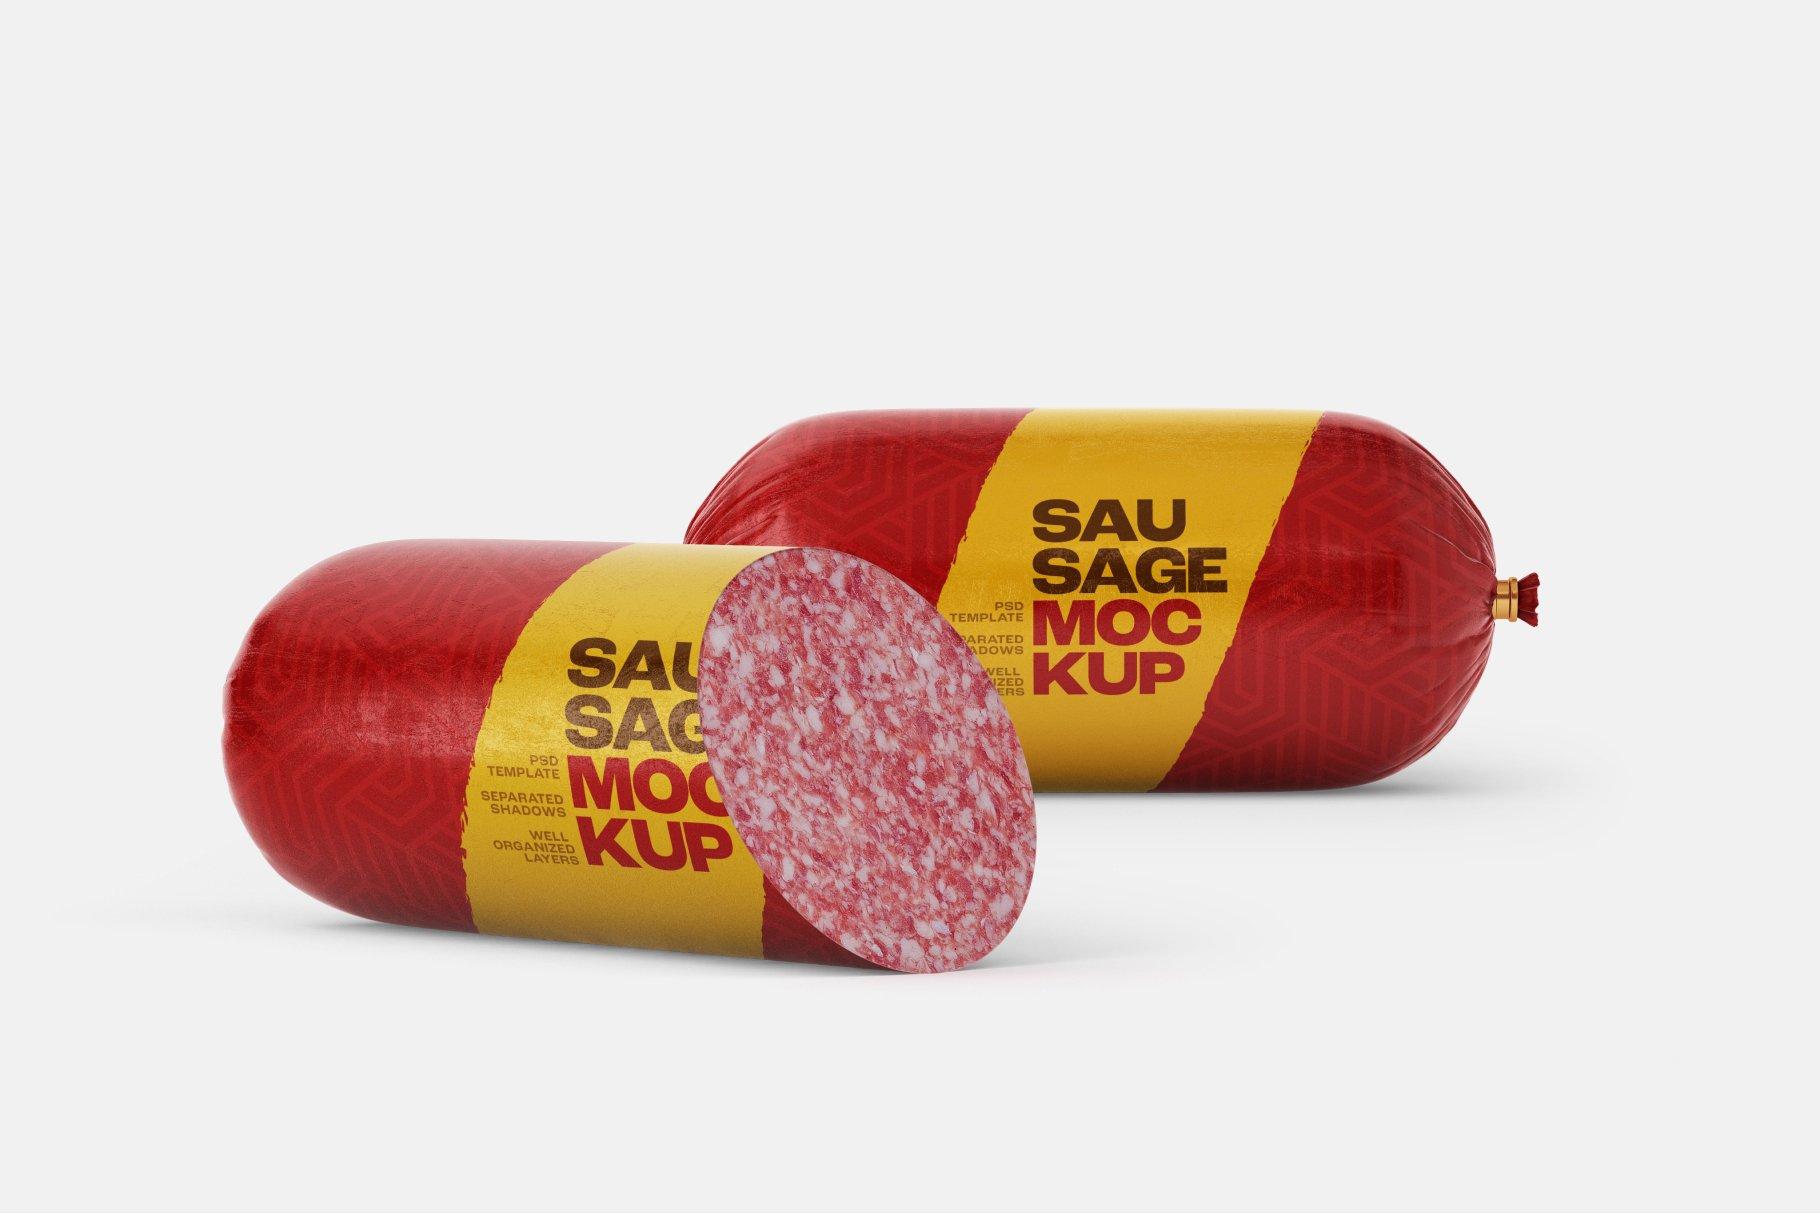 11款火腿肠香肠密封塑料袋设计展示贴图样机合集 Sausage Chub Mockup Set插图8